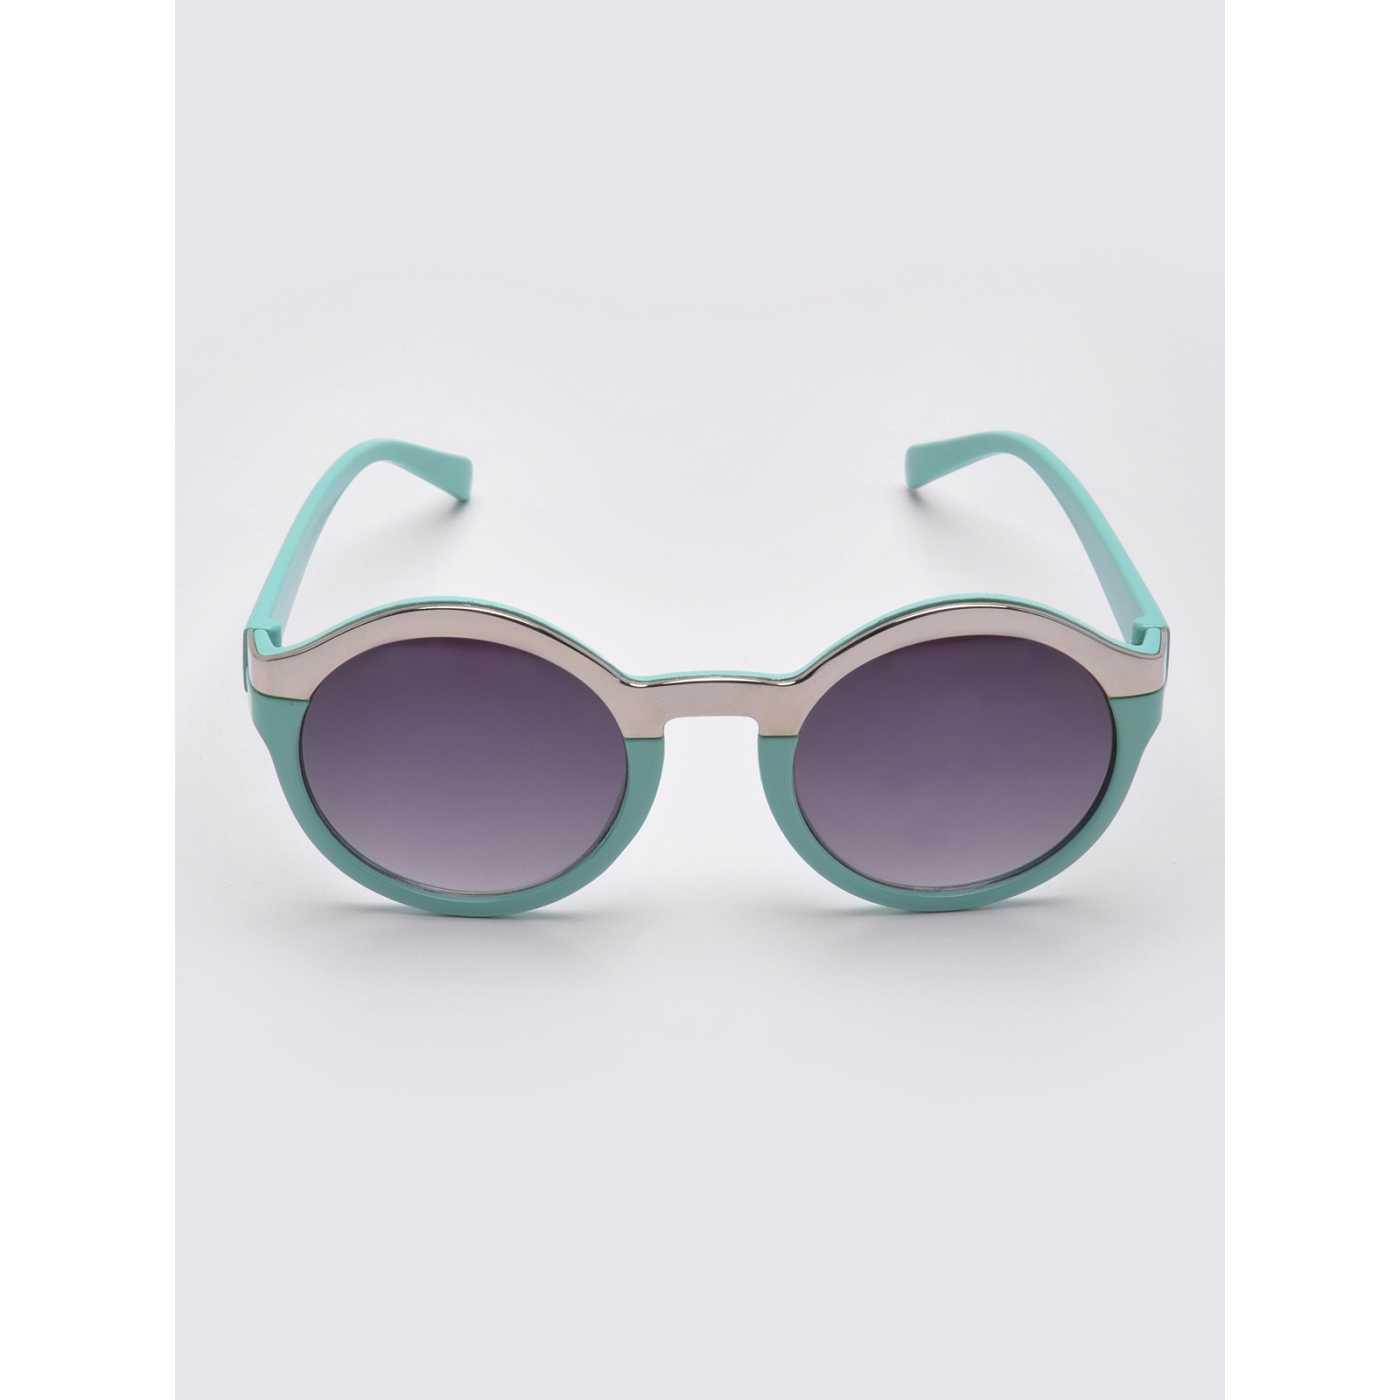 Ochelari de soare cu rame verzi si lentile violet